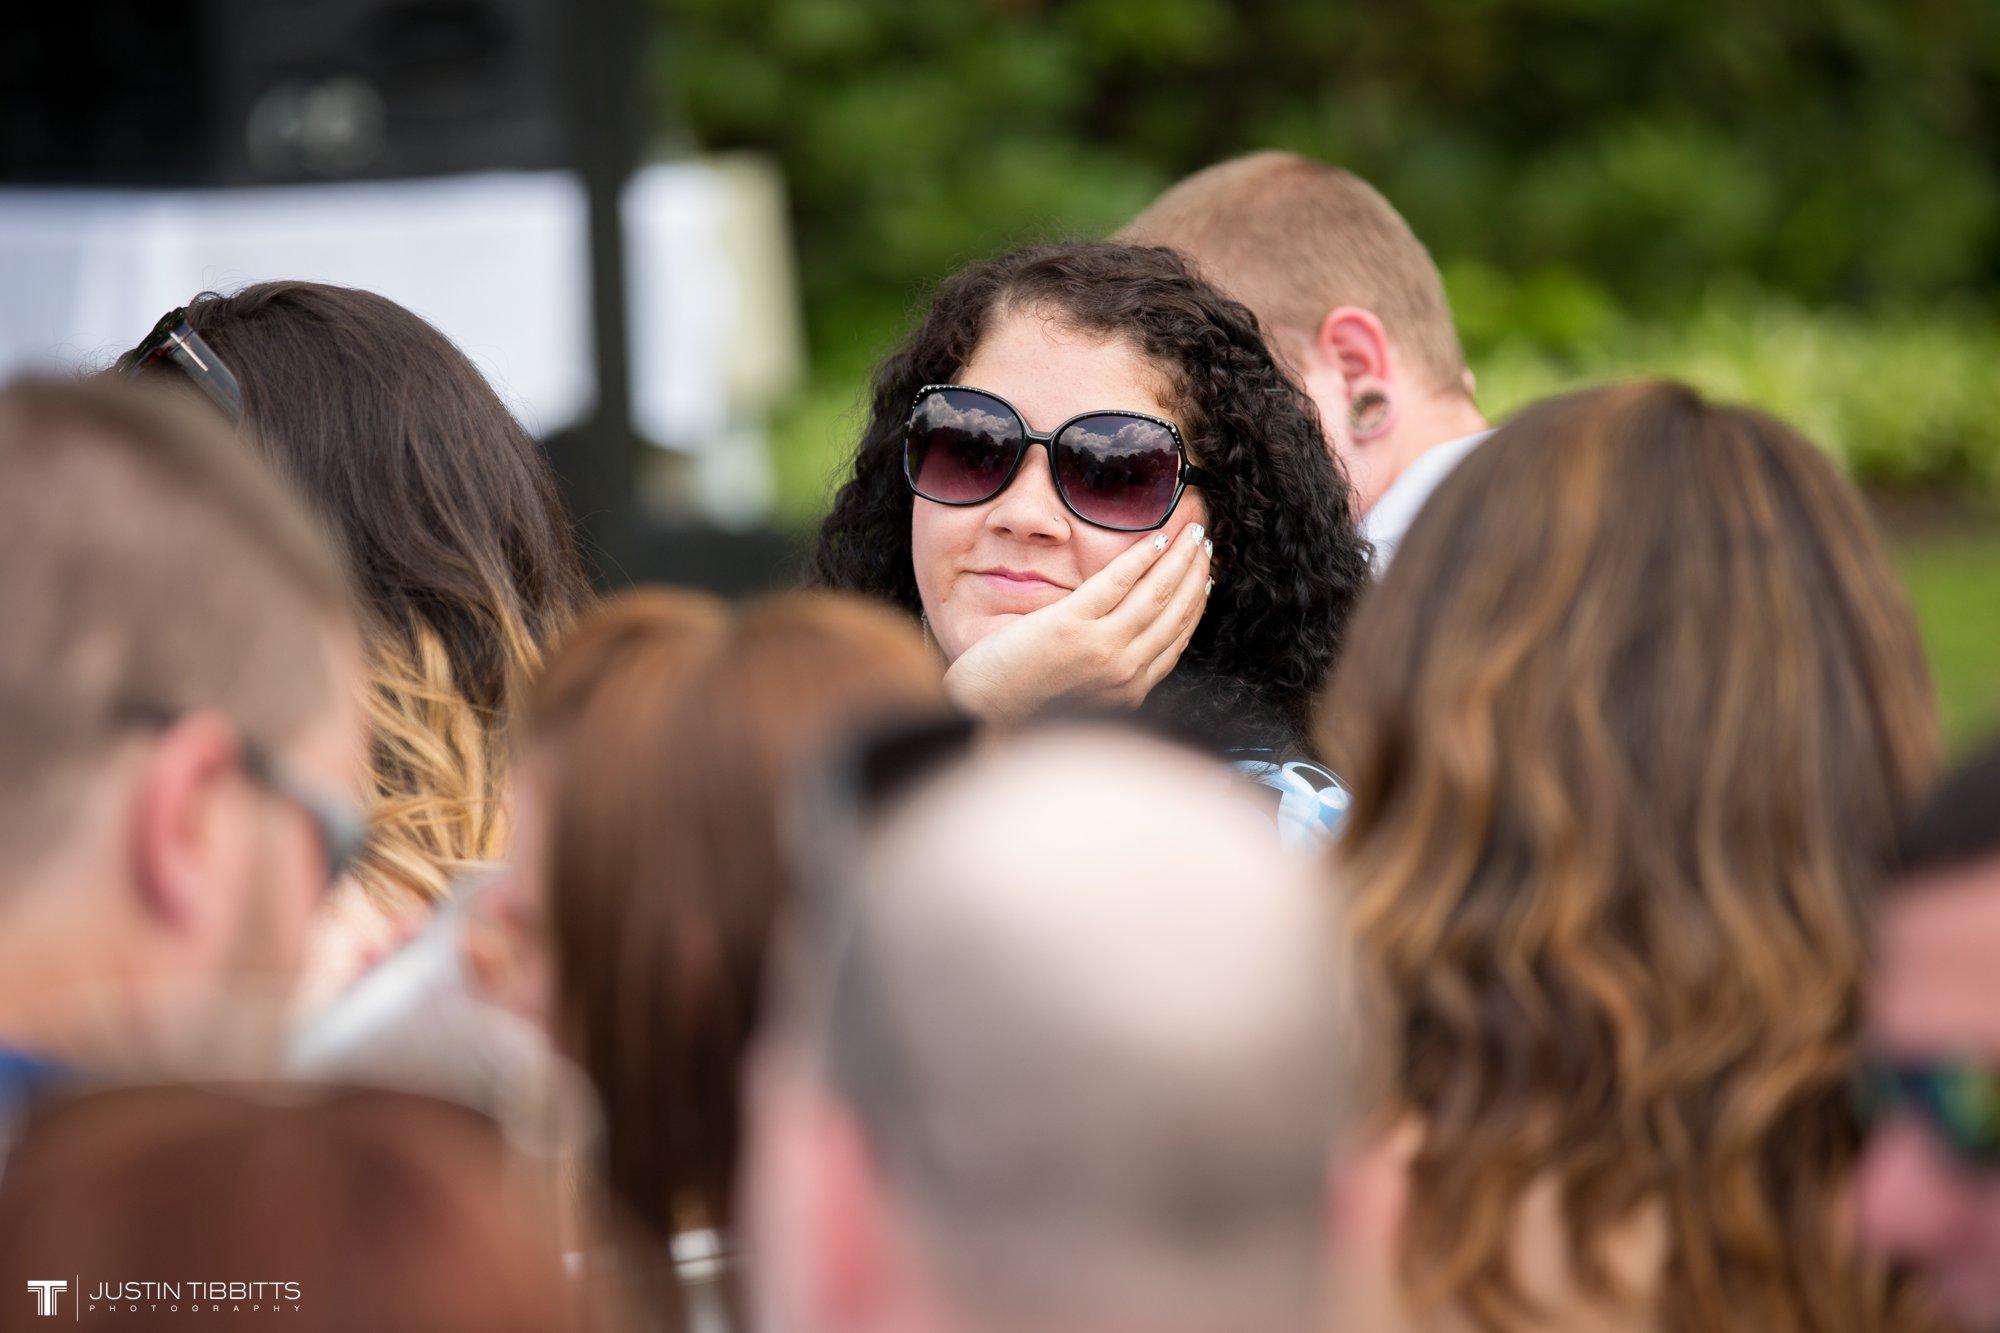 Albany NY Wedding Photographer Justin Tibbitts Photography 2014 Best of Albany NY Weddings-42045294523